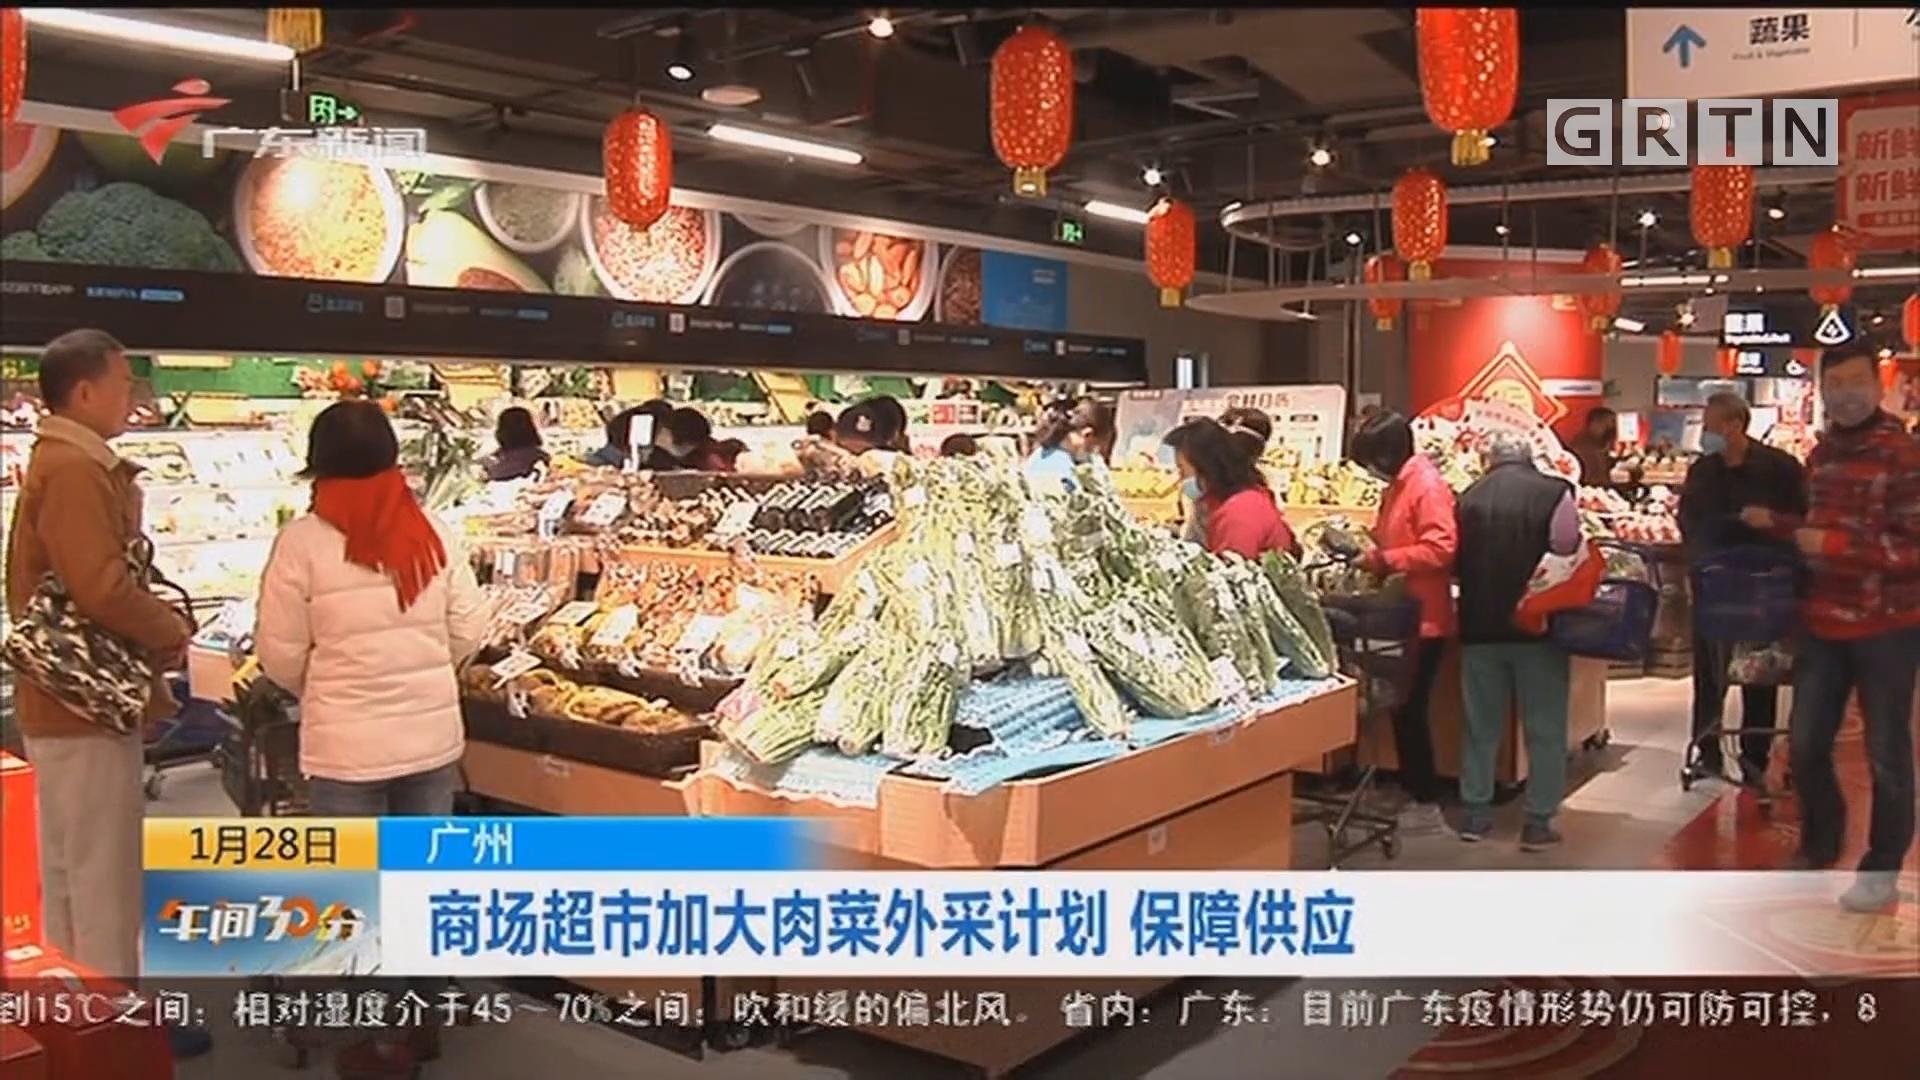 广州:记者走访肉菜市场和批发市场 供应充足